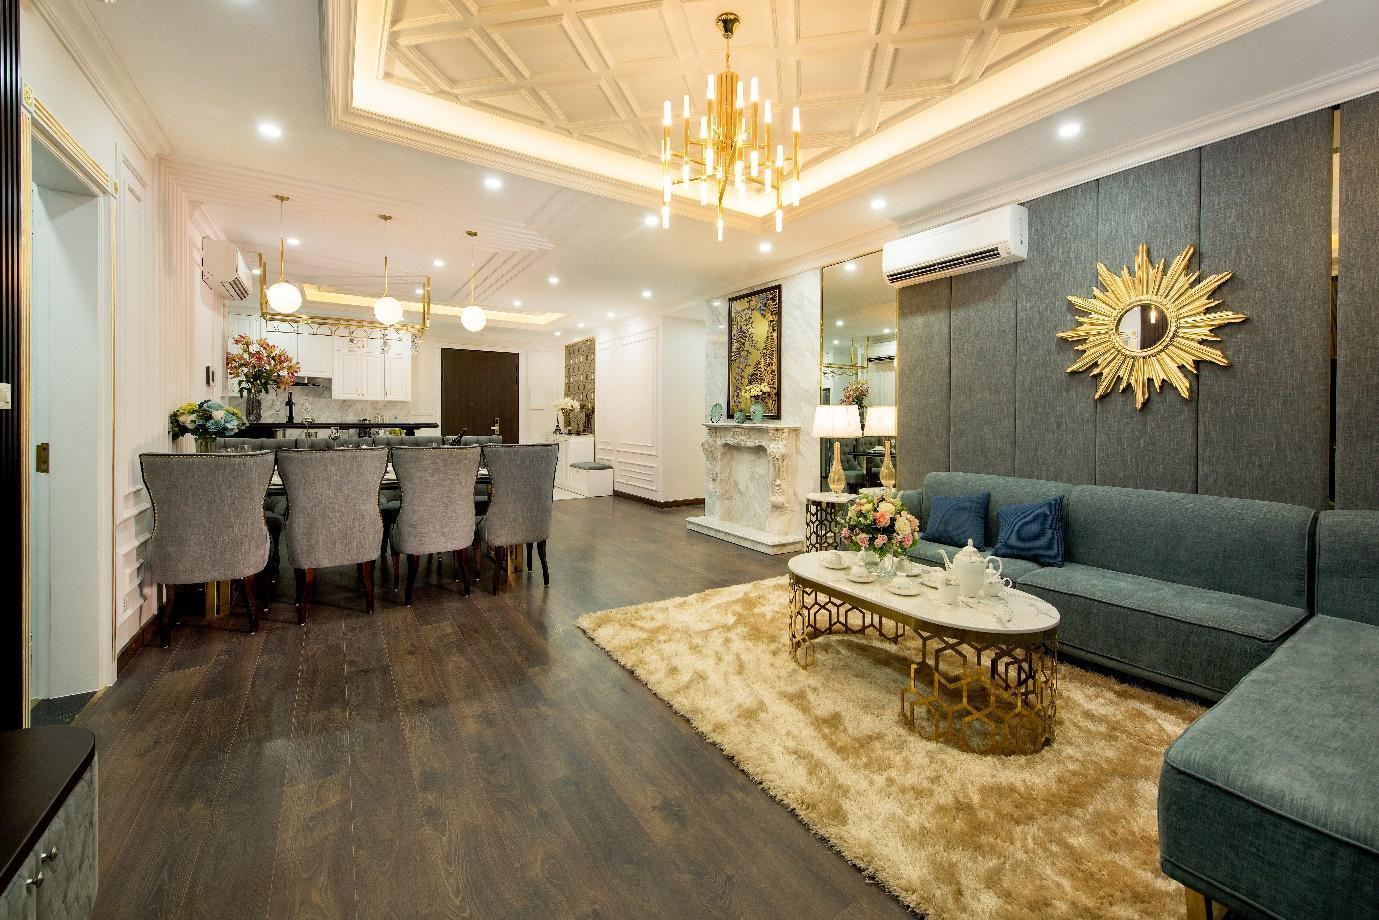 Chọn mua căn hộ cao cấp tại nội đô hay nhà đất tại ngoại đô - Ảnh 3